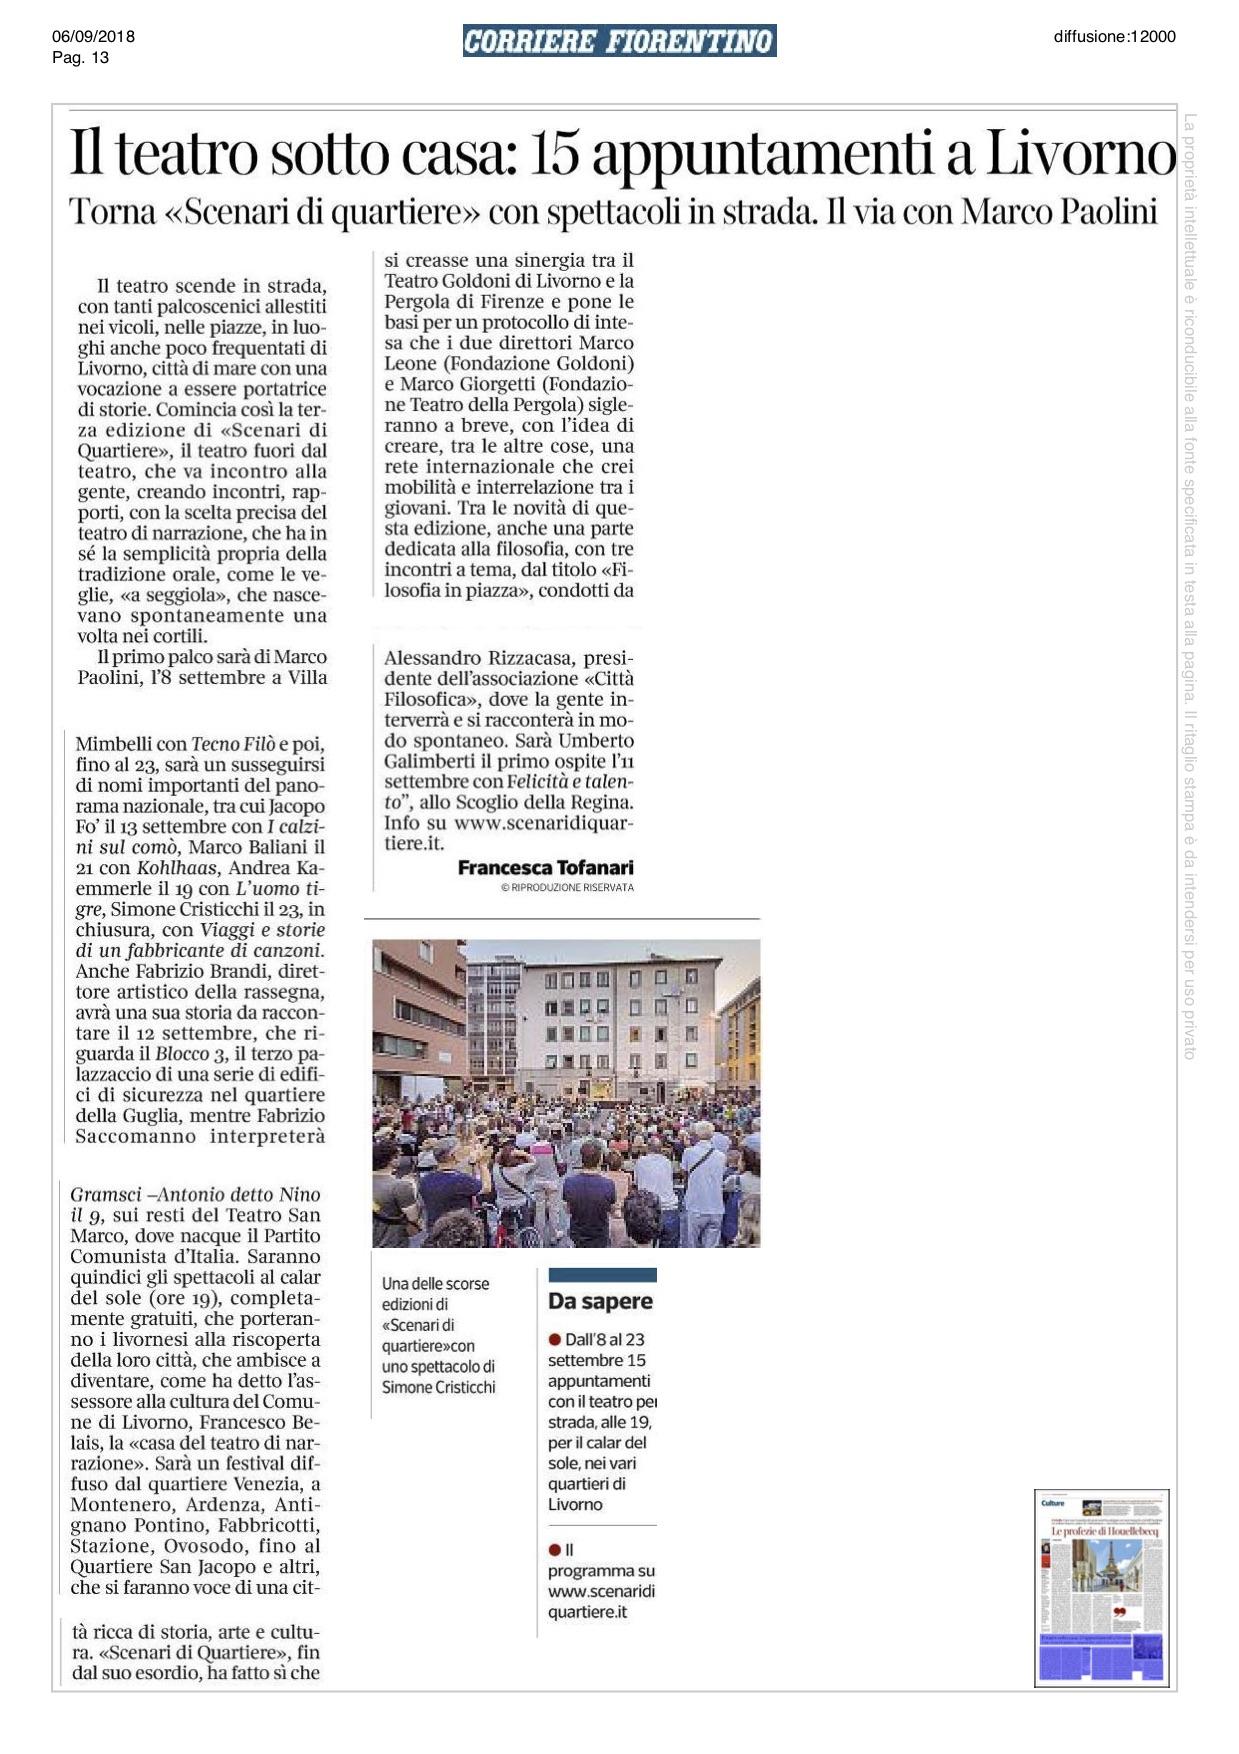 20180906_Corriere Fiorentino